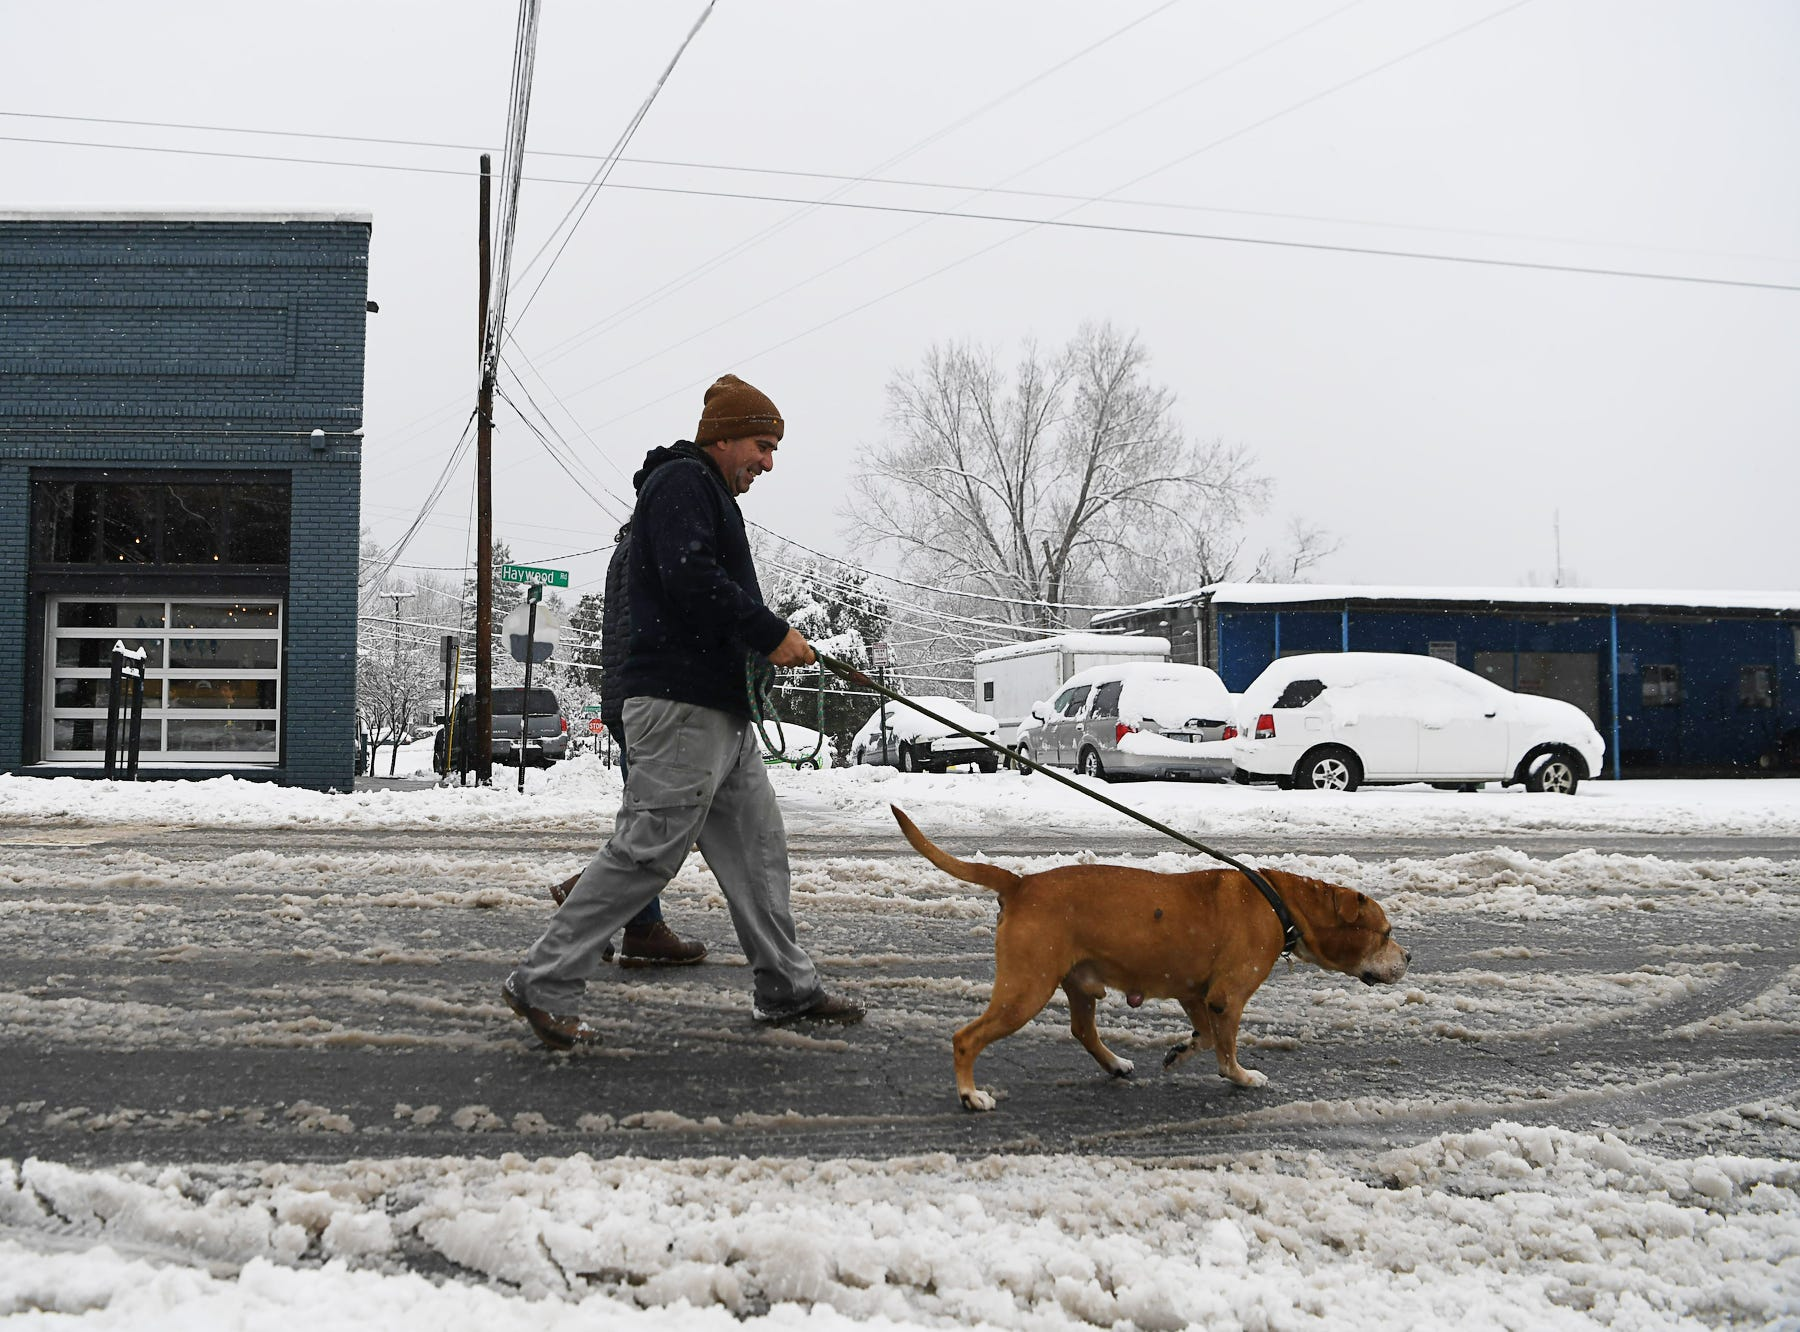 Snowy scenes in West Asheville Dec. 9, 2018.